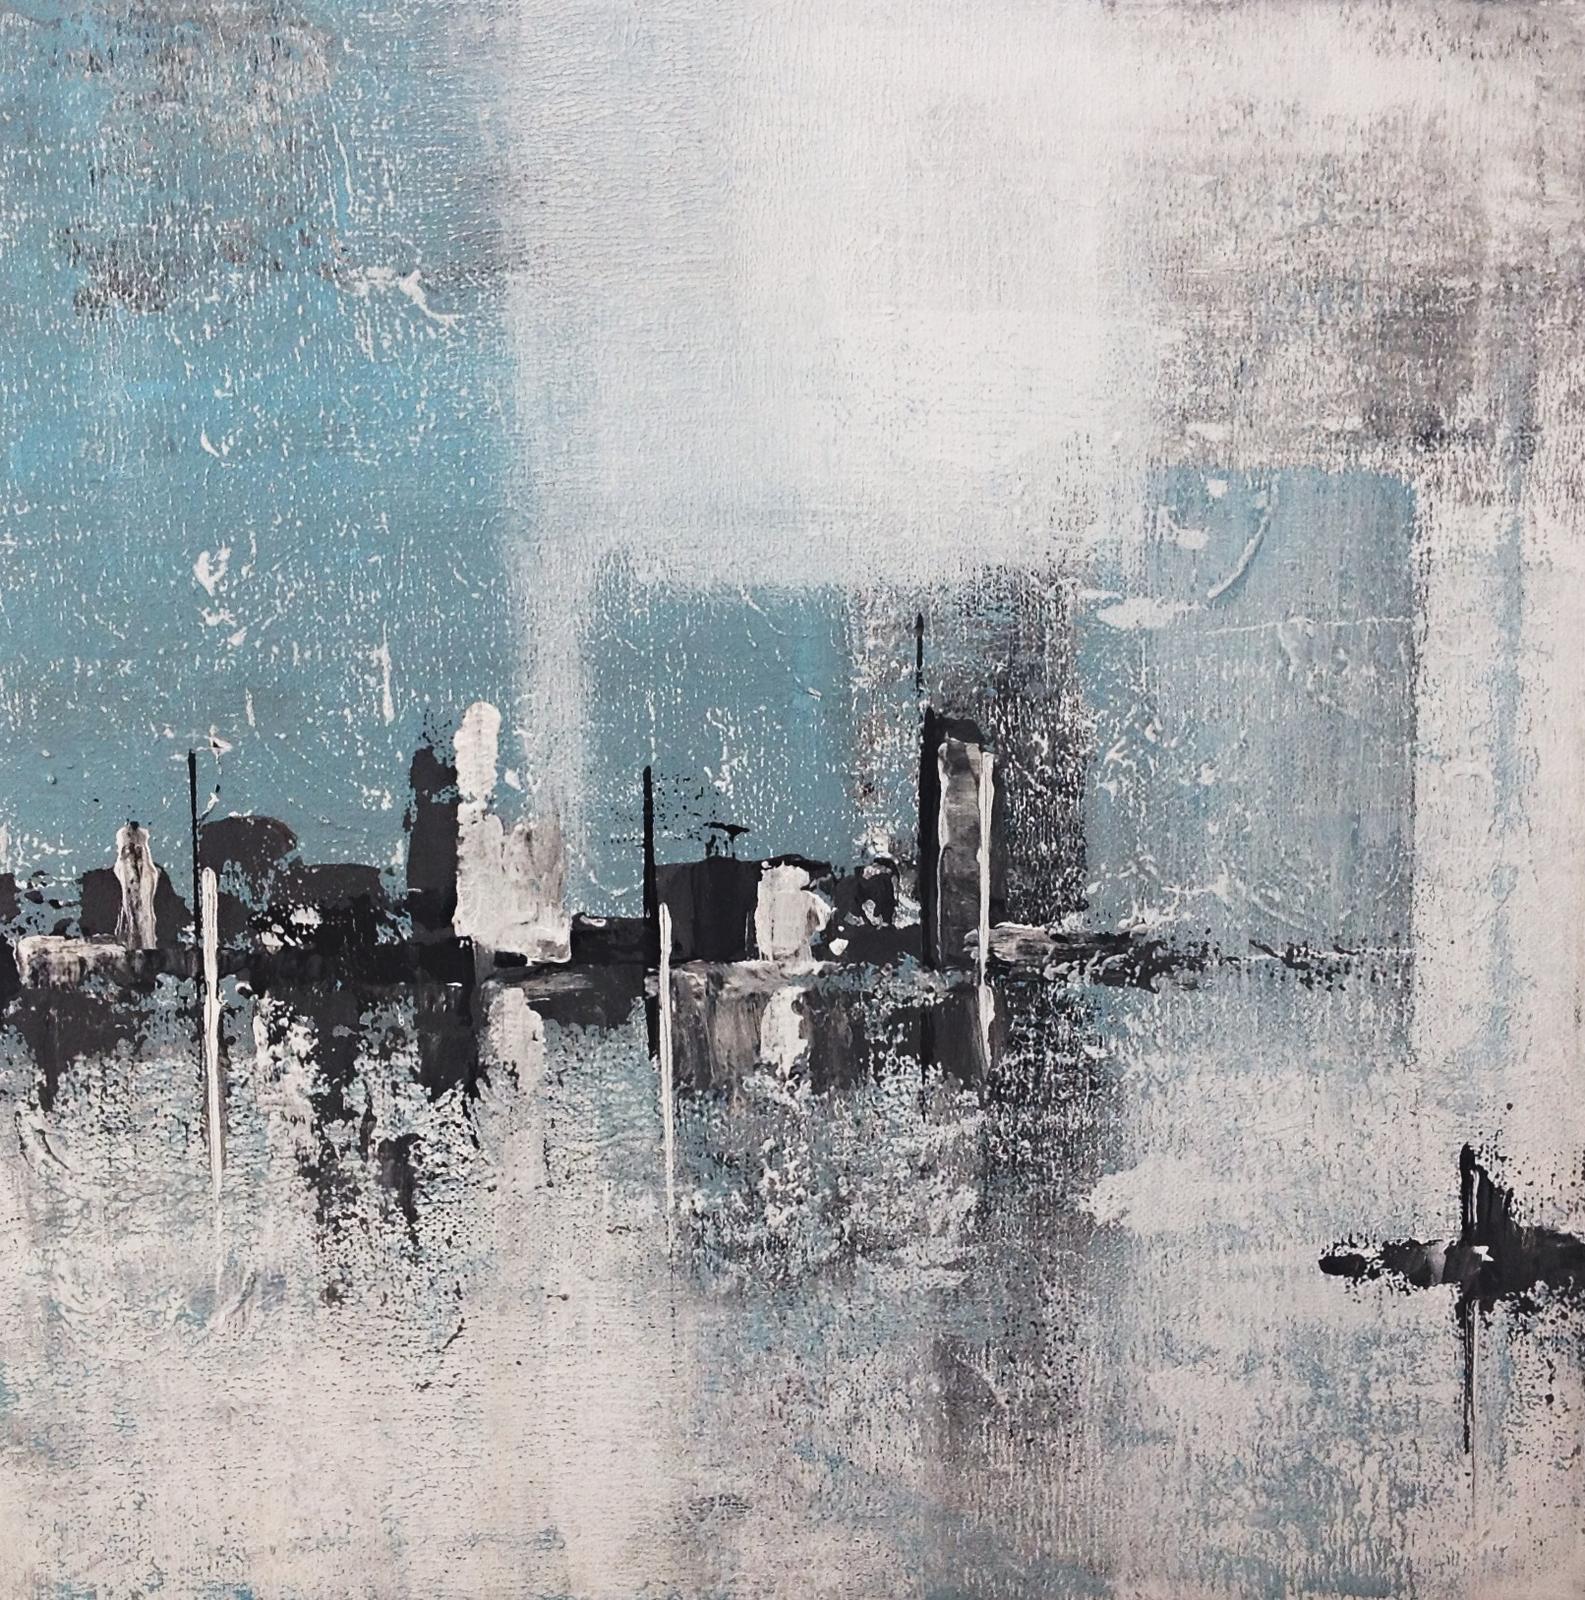 Abstraktní města, přístavy.... - Přístav v modrém I, 40x40 cm, cena 1200kč